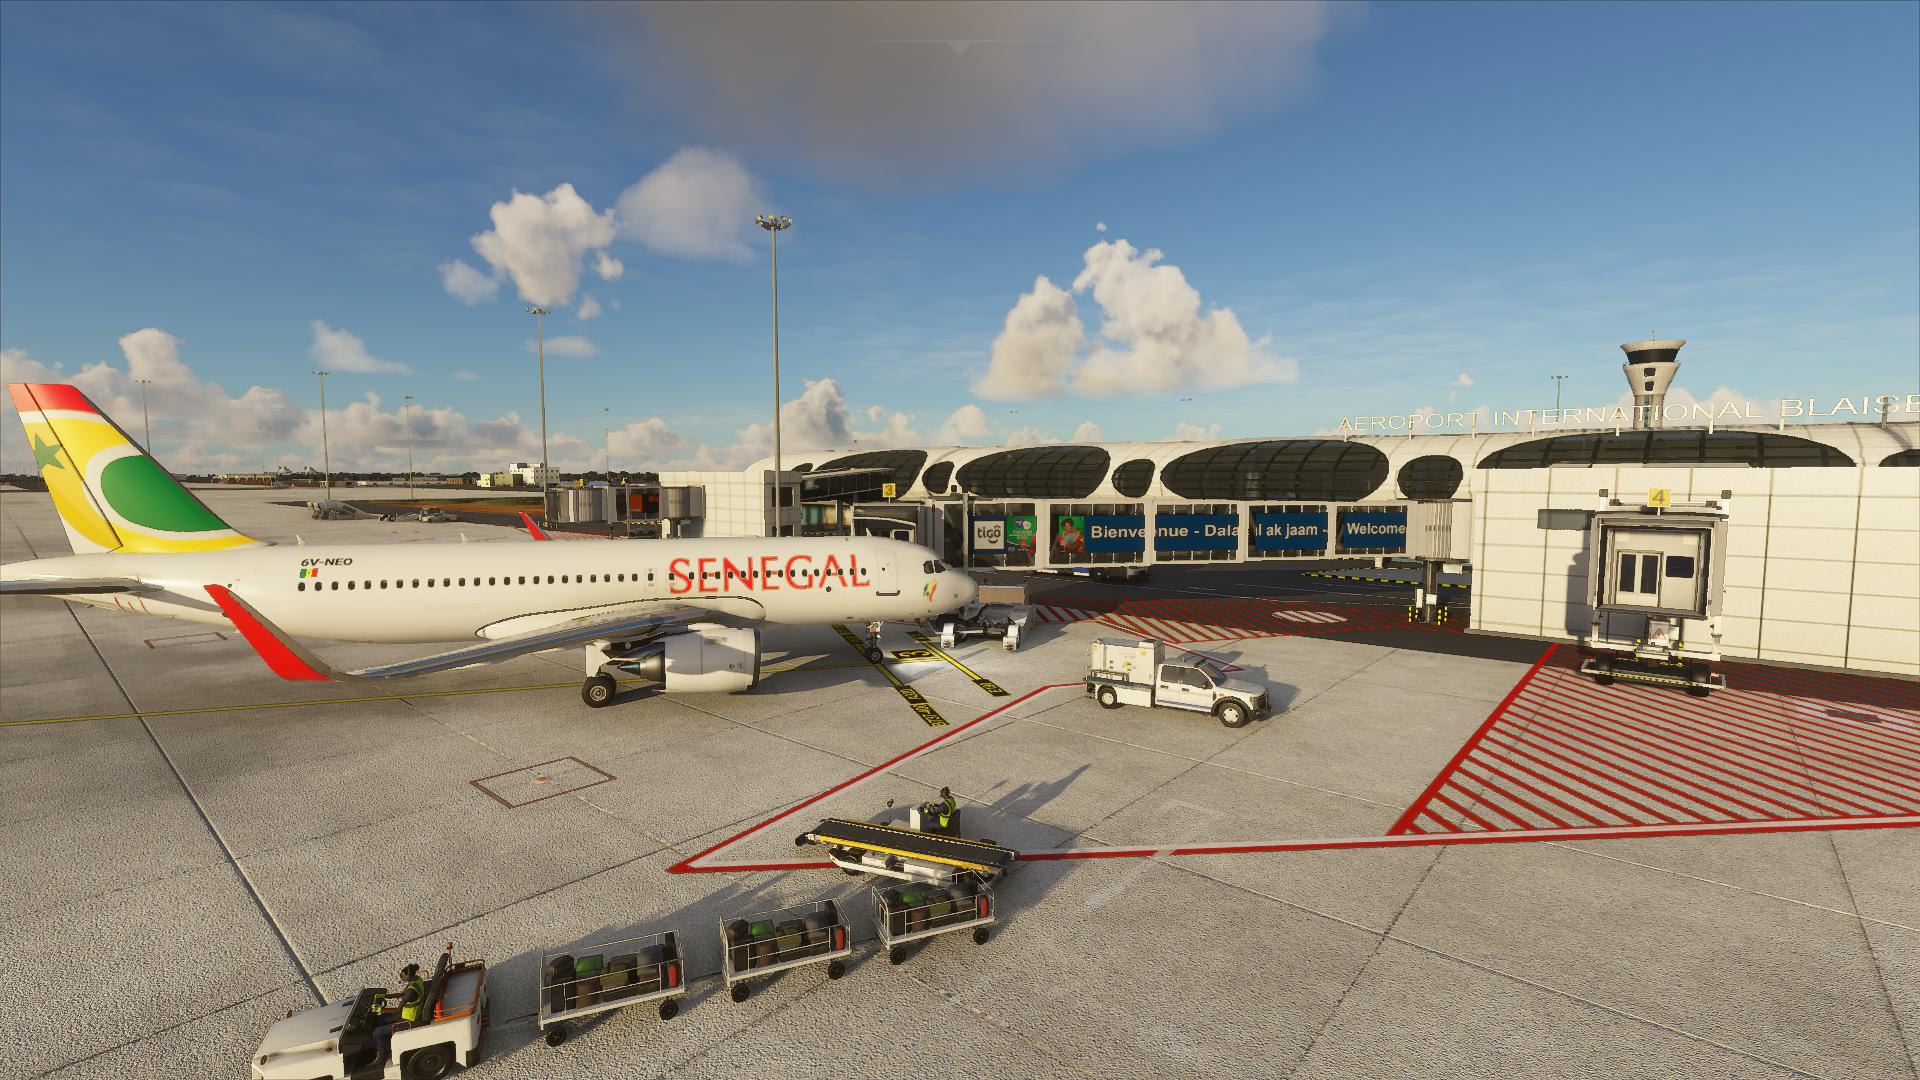 FlightSimulator 2020-10-02 23-39-49-16.png